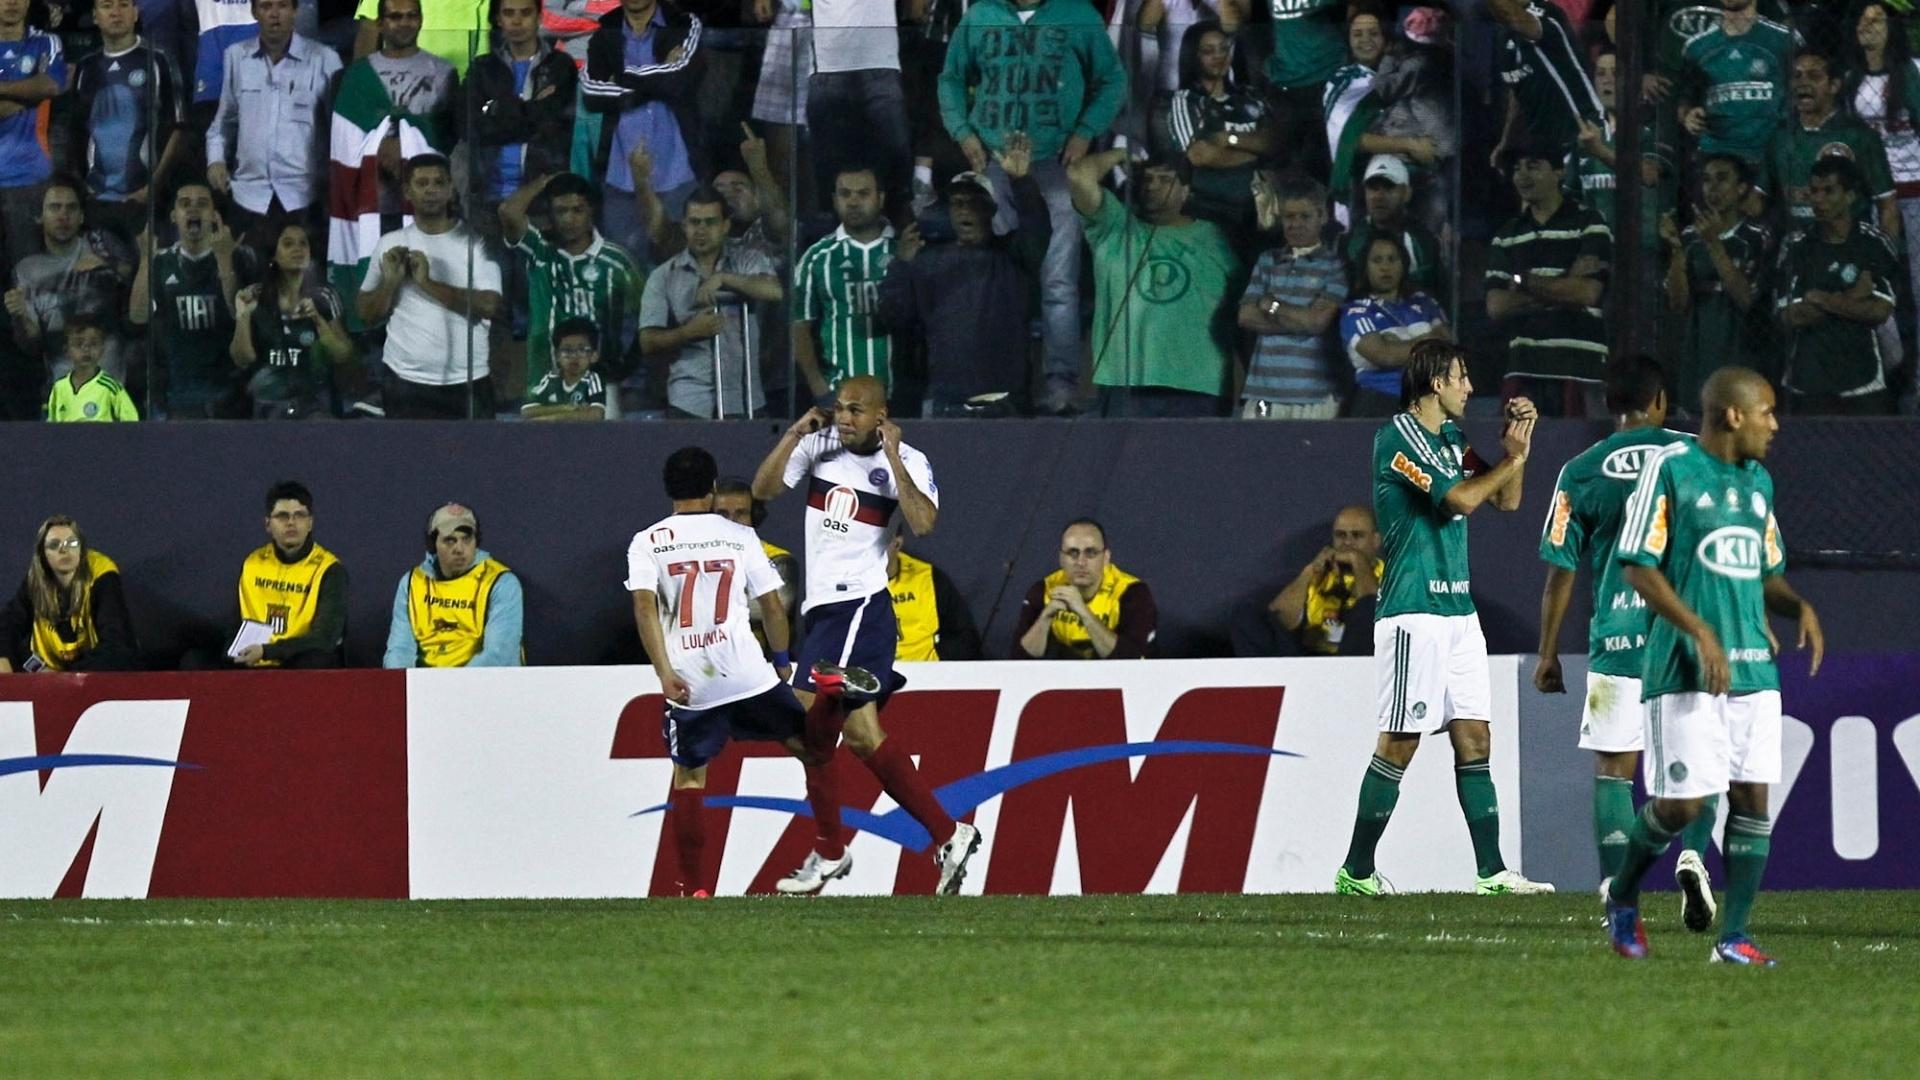 Souza comemora o primeiro gol do Bahia na partida contra o Palmeiras, em Barueri